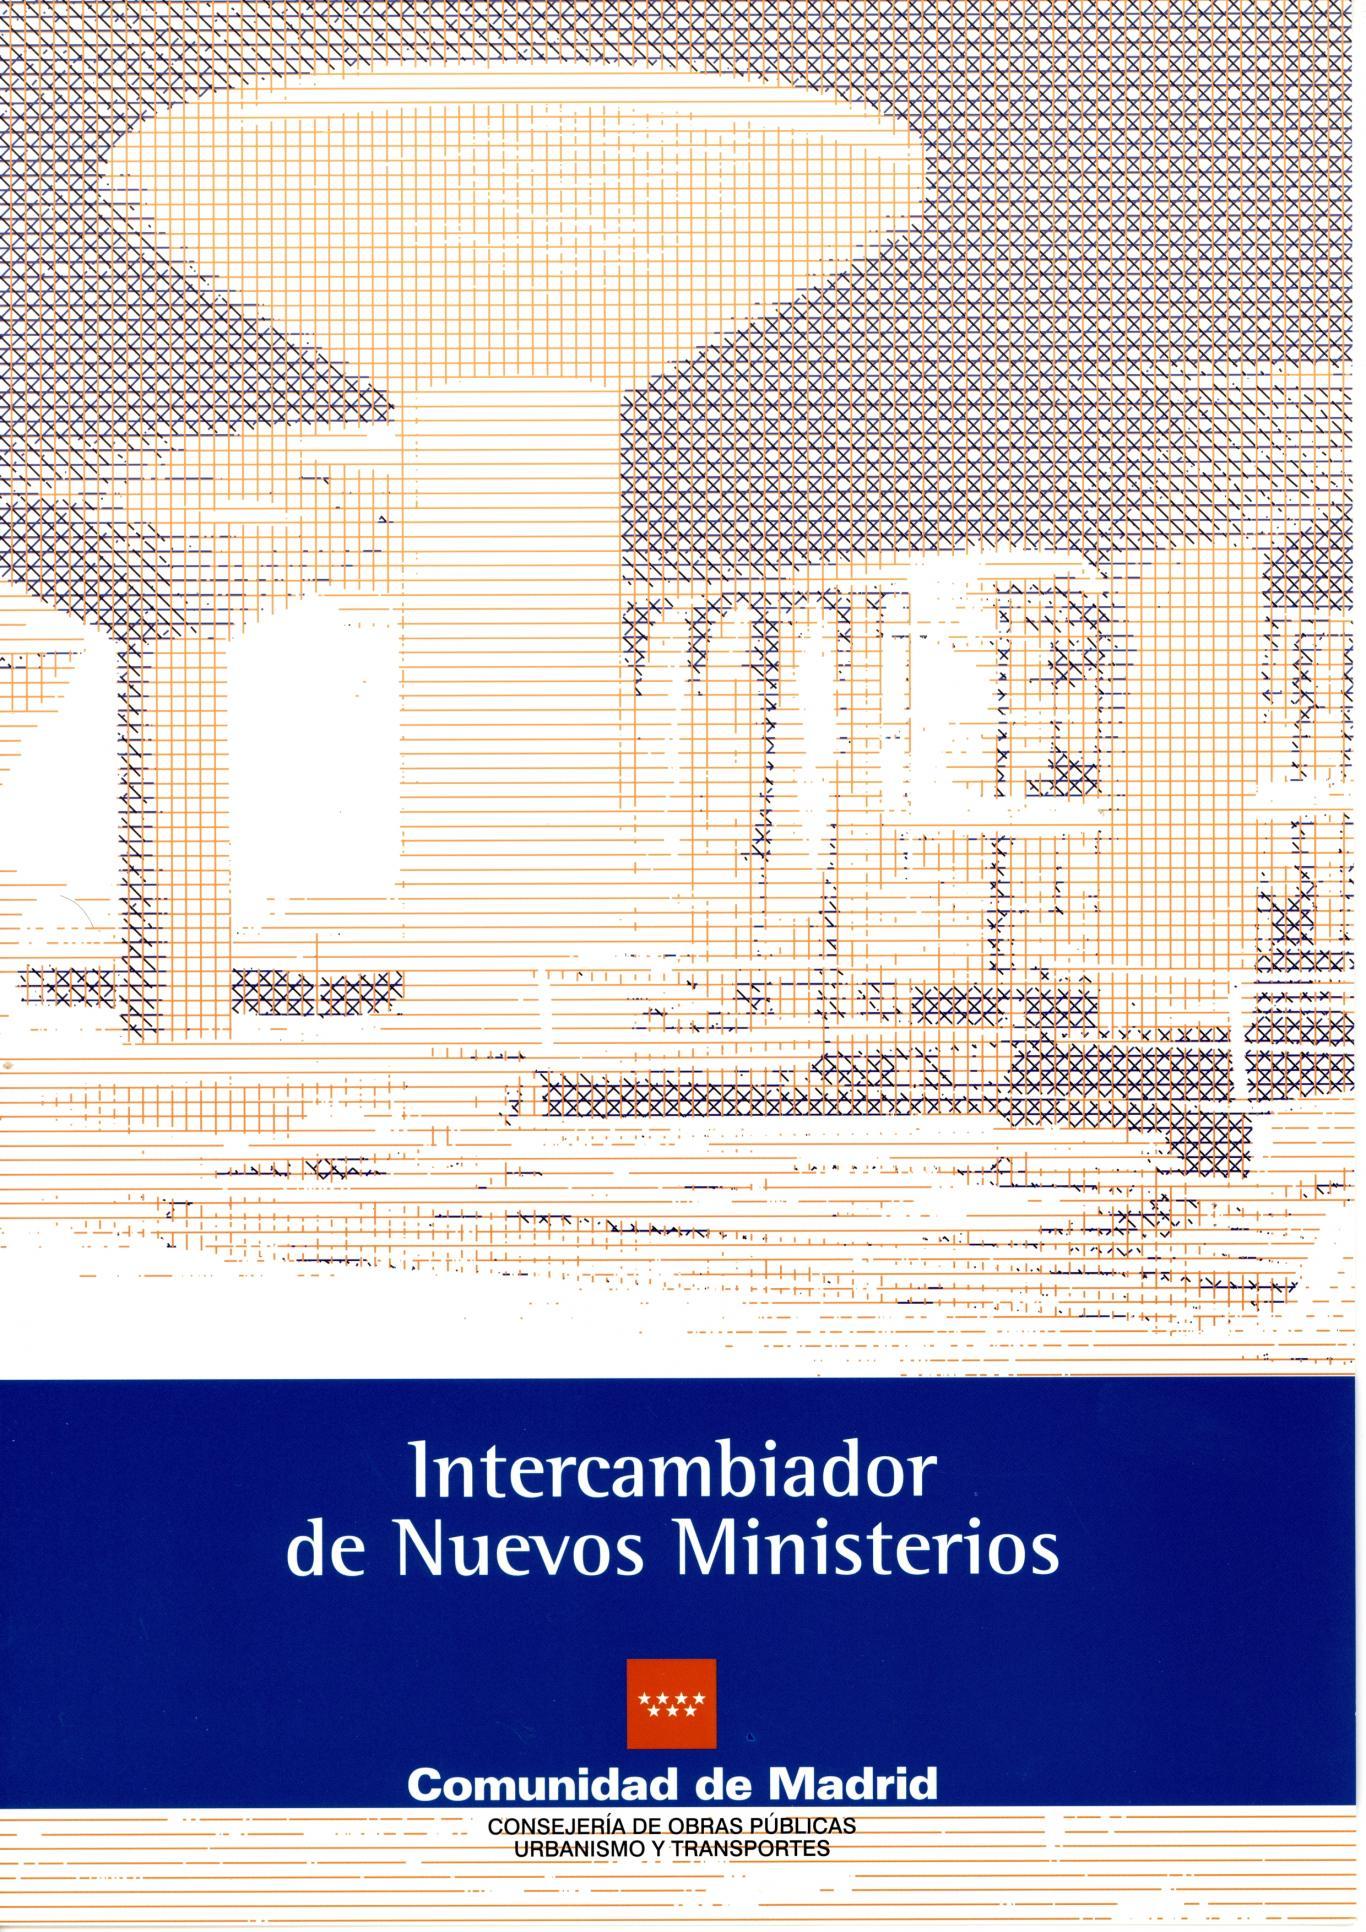 Portada folleto intercambiador Nuevos Ministerios